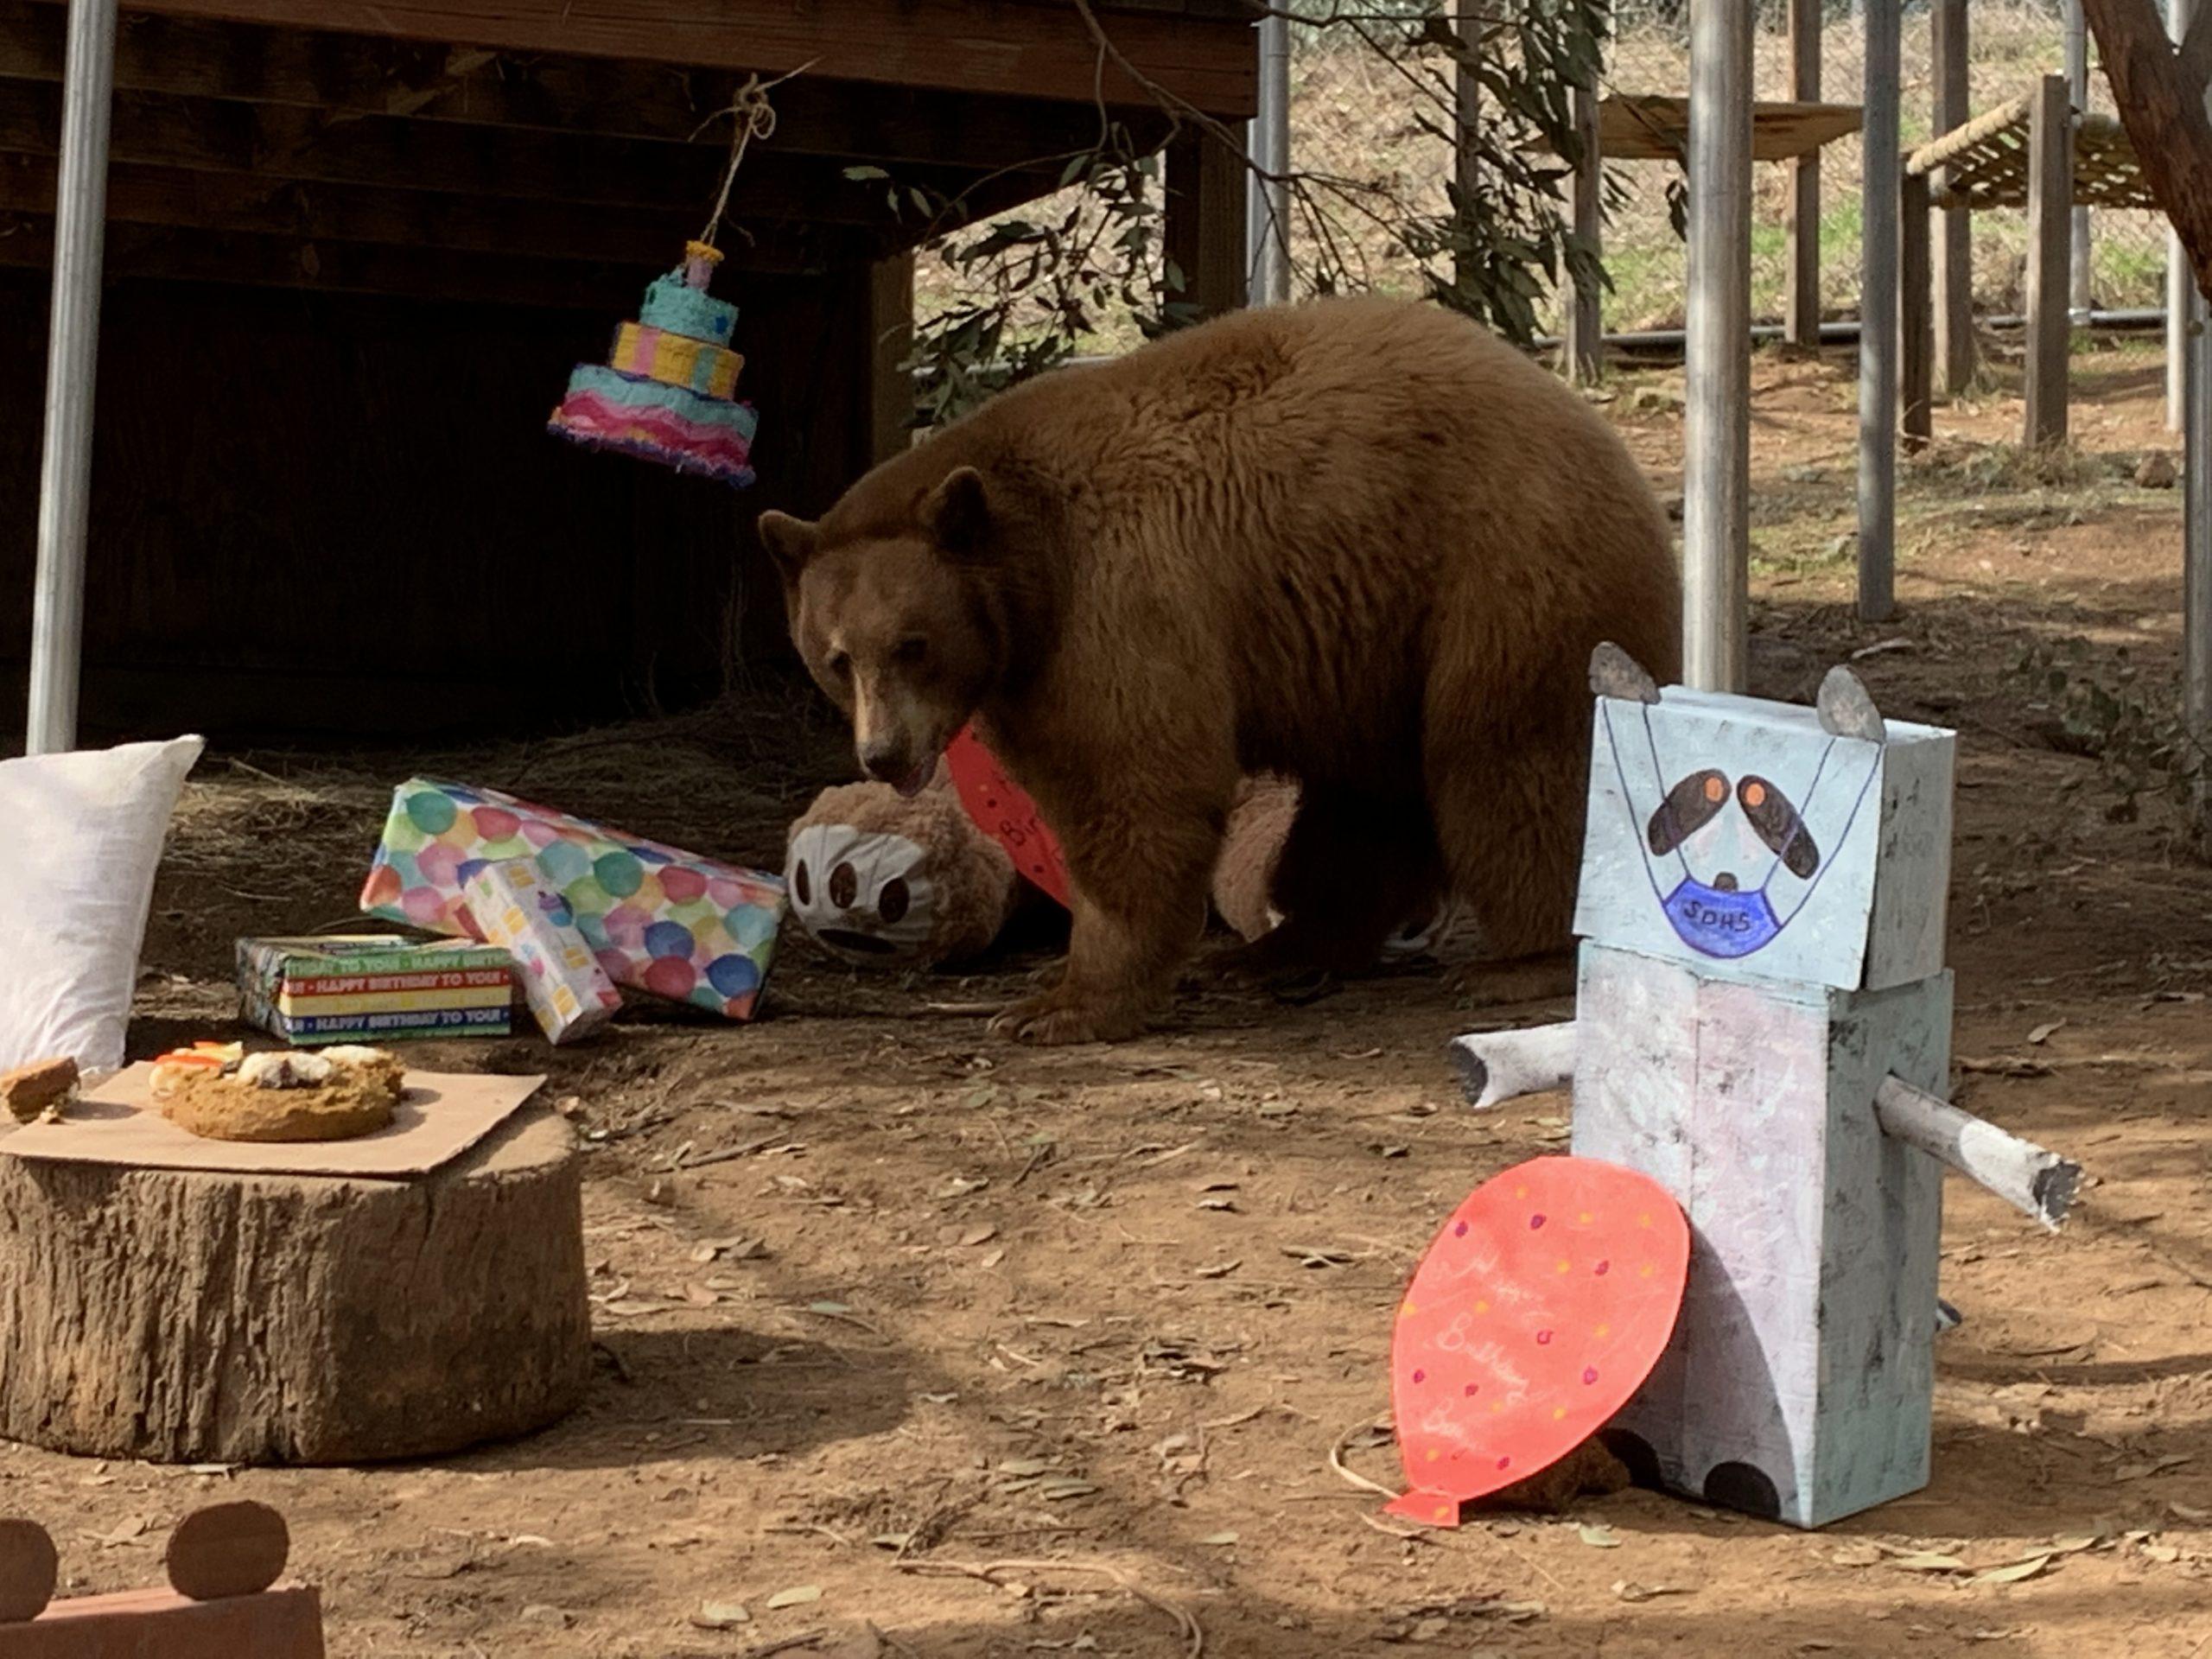 Η μυστηριώδης ασθένεια που κάνει τις αρκούδες αφύσικα φιλικές προς τους ανθρώπους. Δεν μπορούν να επιβιώσουν στην άγρια φύση